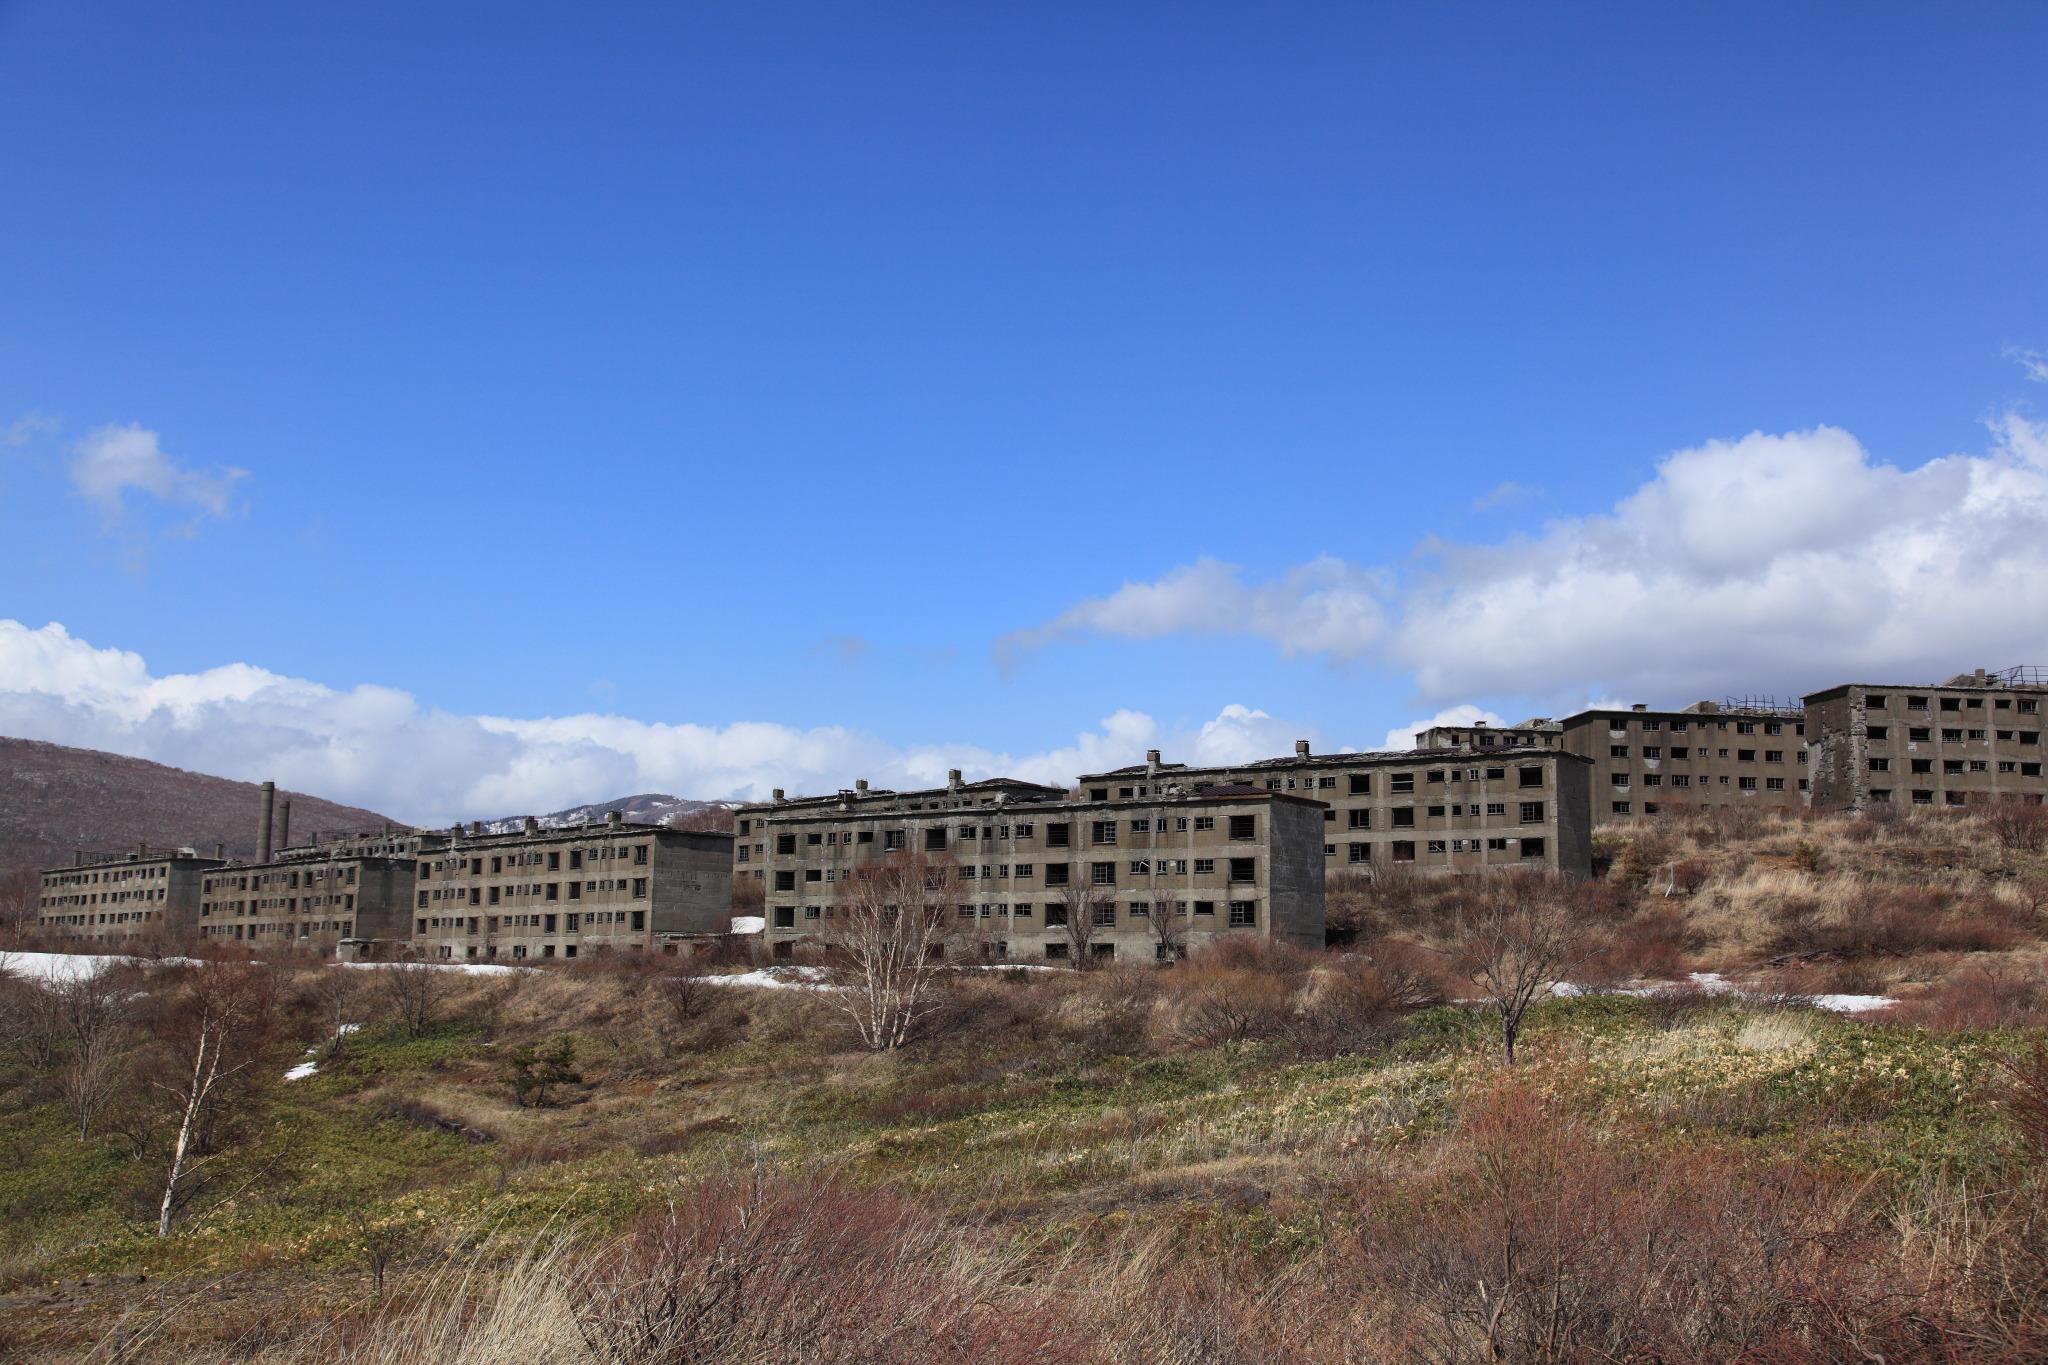 松尾鉱山緑ヶ丘アパート跡